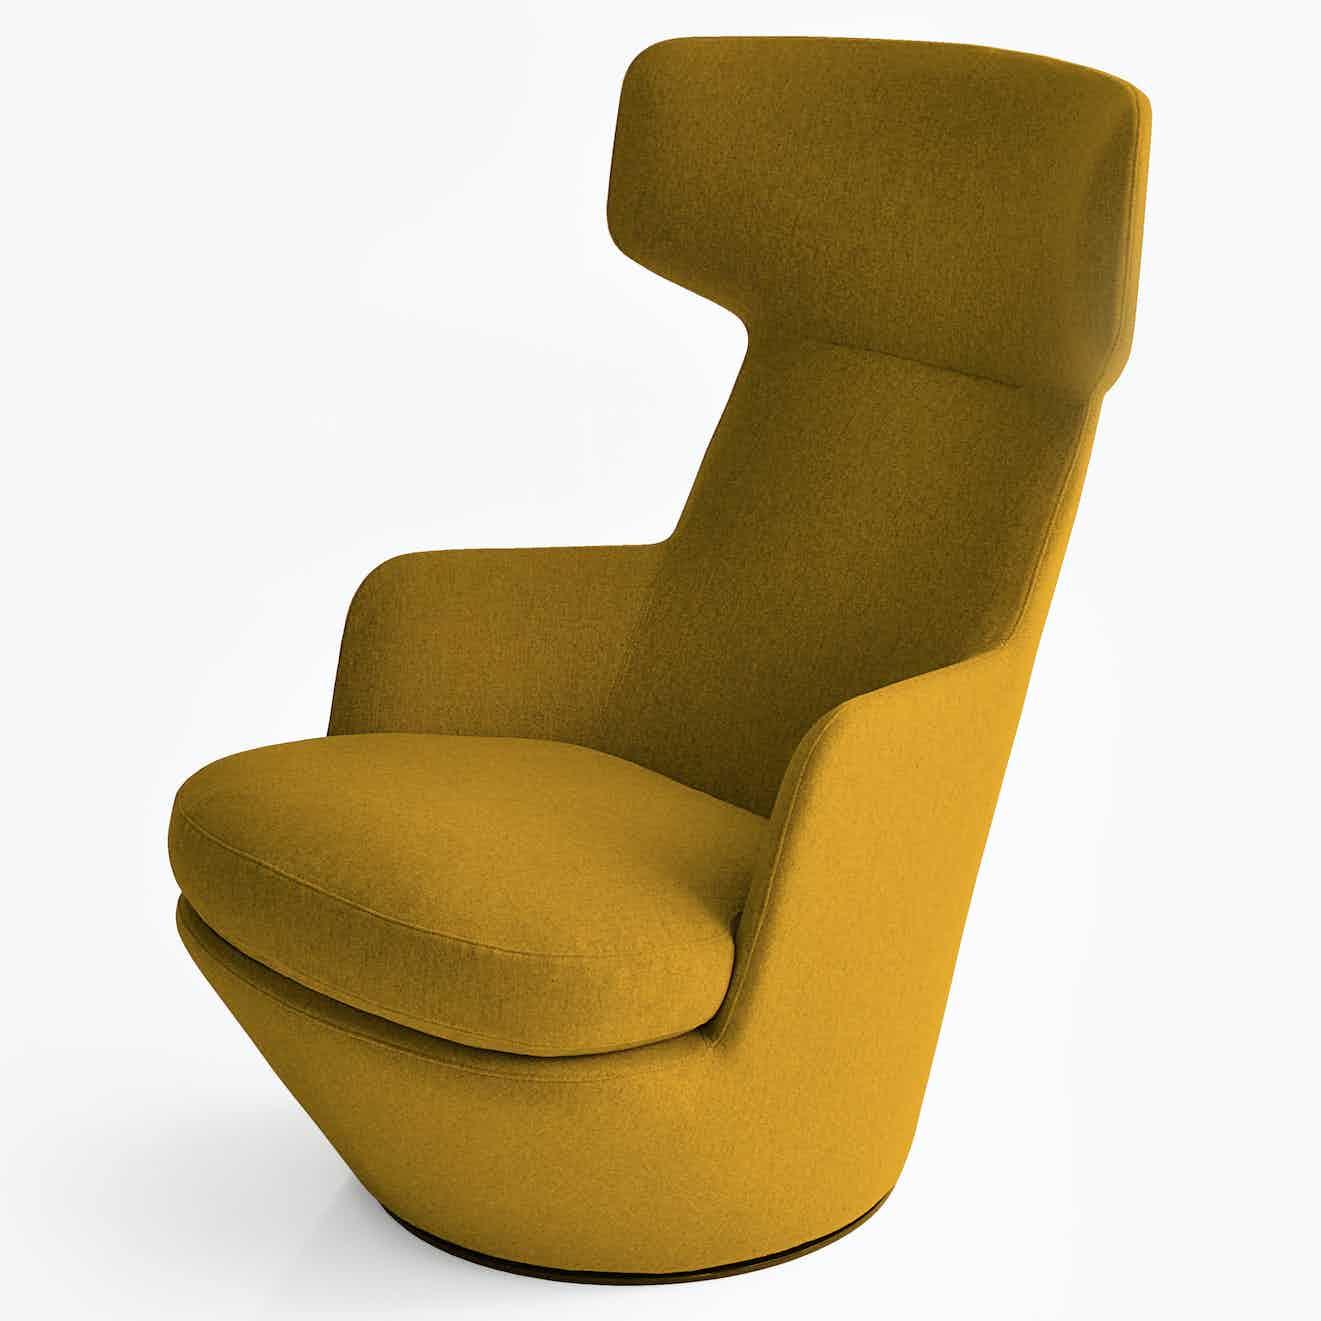 Bensen furniture my turn chair yellow haute living